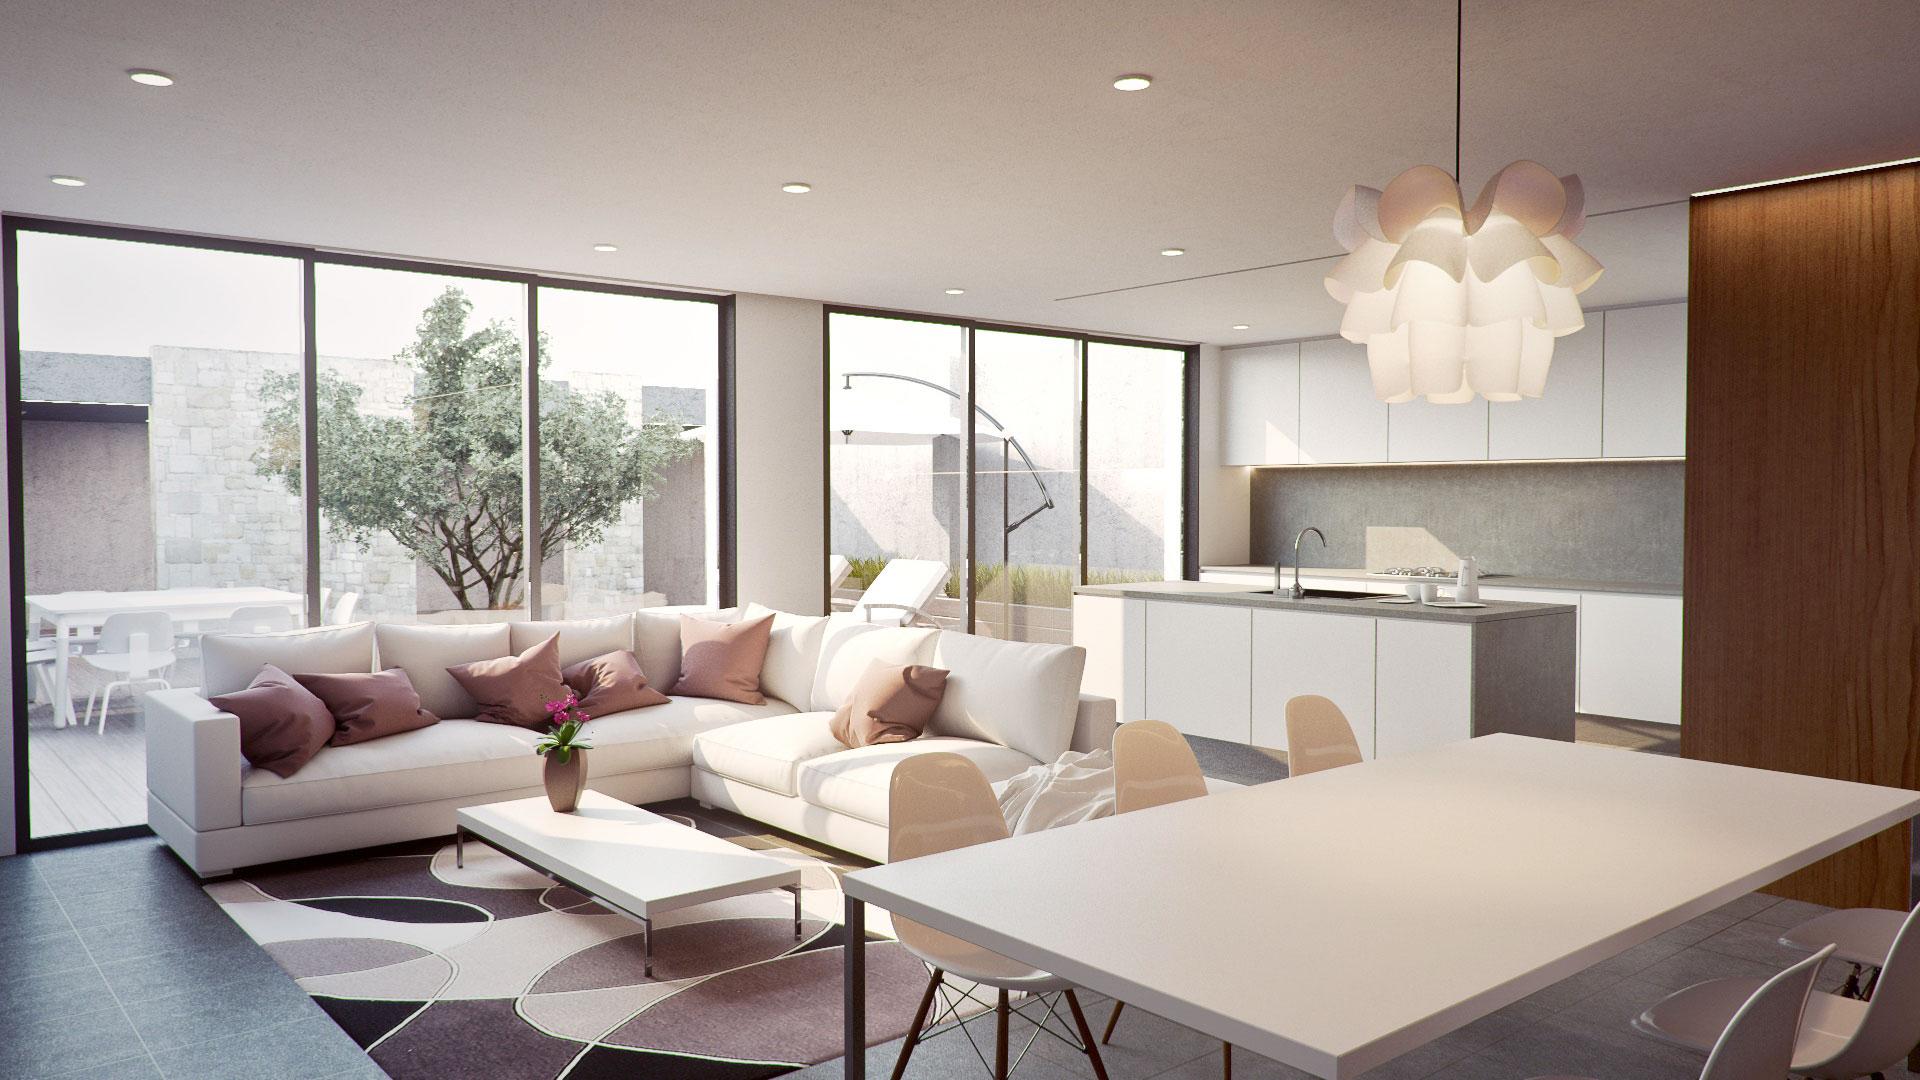 inmomove-vender-casa-rapido-sin-comisiones